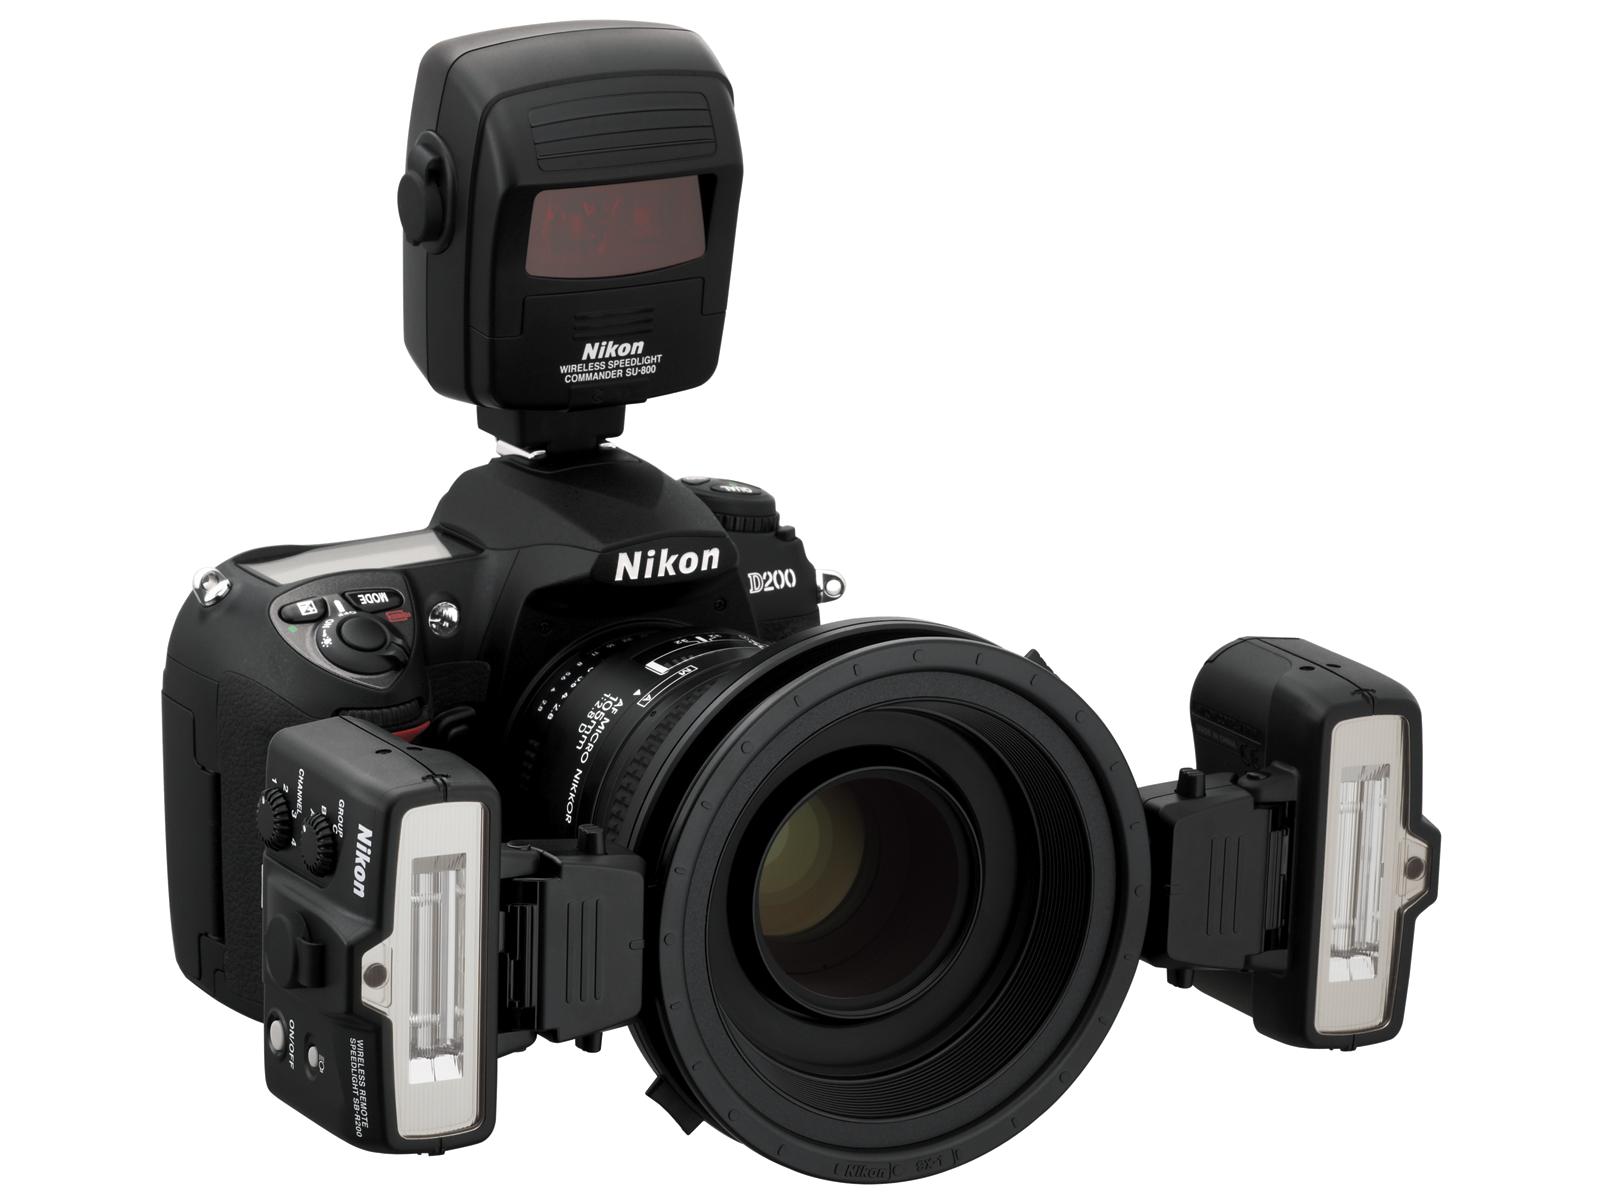 Nikon Управляющий комплект KIT R1C1Вспышки для зеркальных фотокамер Nikon<br>Уникальный набор системных беспроводных вспышек для полностью автоматической макросъемки. Этот набор состоит из двух ведомых вспышек SB-R200, устанавливаемых на объектив и управляемых при помощи беспроводного блока управления SU-800. <br> <br> Полностью автоматический TTL замер, определение экспозиции и синхронизация системы экспозамера фотокамеры и ведомых вспышек при помощи инфракрасного излучения. Набор включает в себя адаптеры для фронтального освещения при супермакро съемке, фильтры и переходные кольца для наиболее популярных диаметров резьбового крепления объективов Nikkor. <br> <br> Могут добавляться дополнительные вспышки SB-R200, или SB-800, или SB-600 для получения дополнительных возможностей и эффектов освещения, требуемых в конкетной ситуации съемки.<br><br>Влагозащищенность: Нет<br>ВЧ (ISO 100/200): SB-R200: 10/14<br>Углы поворота головки: SB-R200: вертикаль-от -45 до 60; горизонталь-нет<br>Поддержка креативной системы освещения: SB-R200: Remote<br>Режимы работы: M, TTL<br>Защита от перегрева: -<br>Длительность импульса (при полной мощности, сек): SB-R200: 1/1666<br>Крепление штатива: Да - через подставку<br>Внешний ЖК-монитор: Нет<br>Углы освещения (фокусное расстояние, мм): -<br>Крепление переходника штатива: Да - через подставку<br>Питание: SB-R200: CR123A (3В)SU-800: CR123A (3В)<br>Артикул: FSA906CA